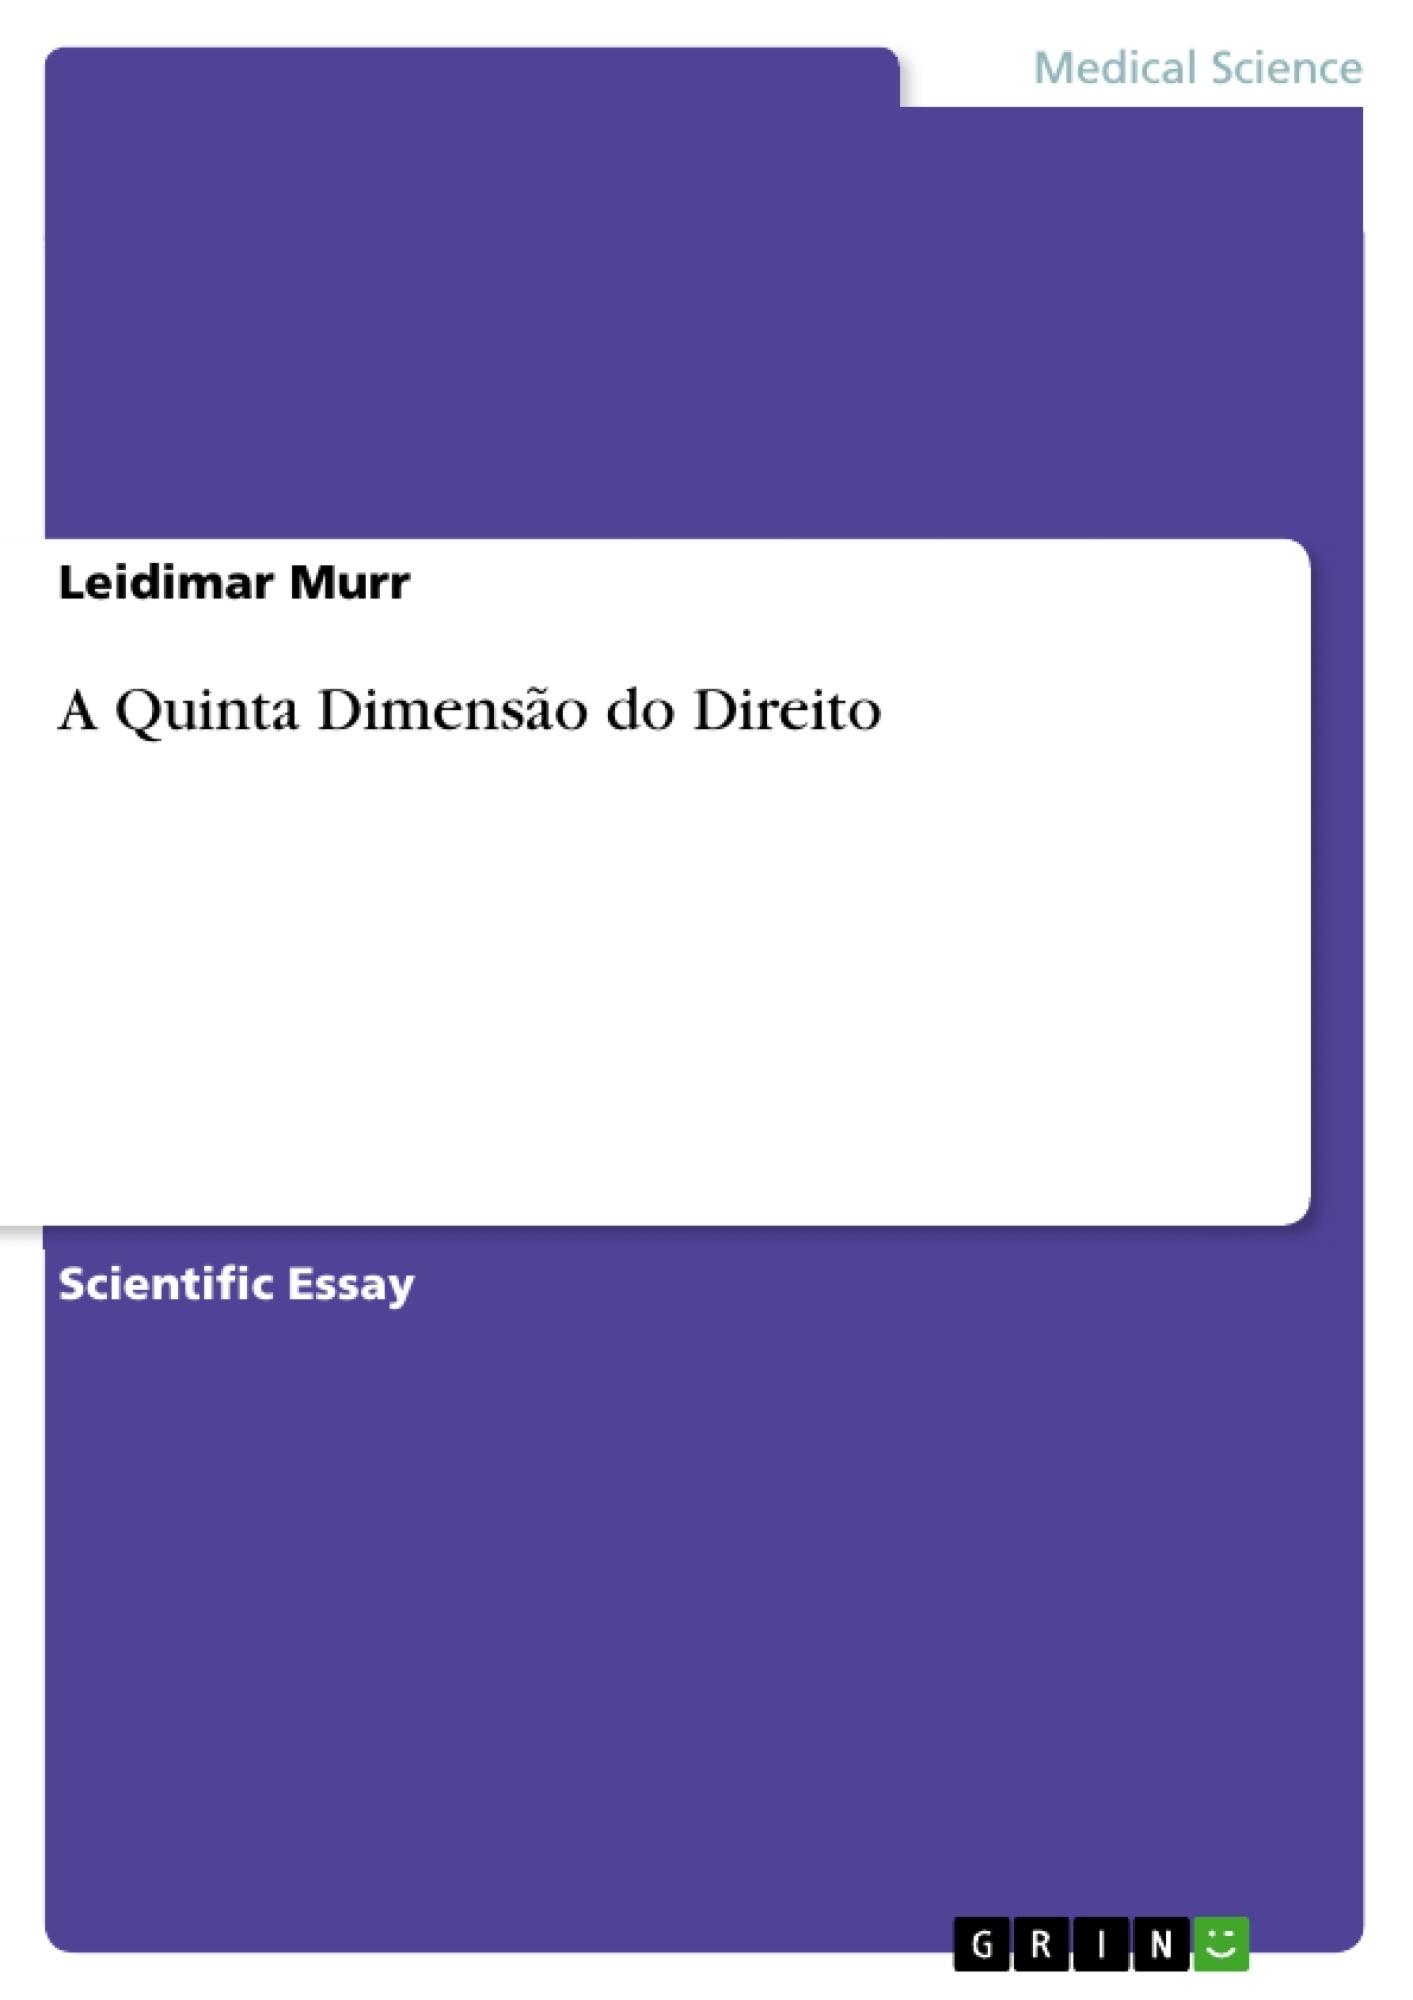 Title: A Quinta Dimensão do Direito